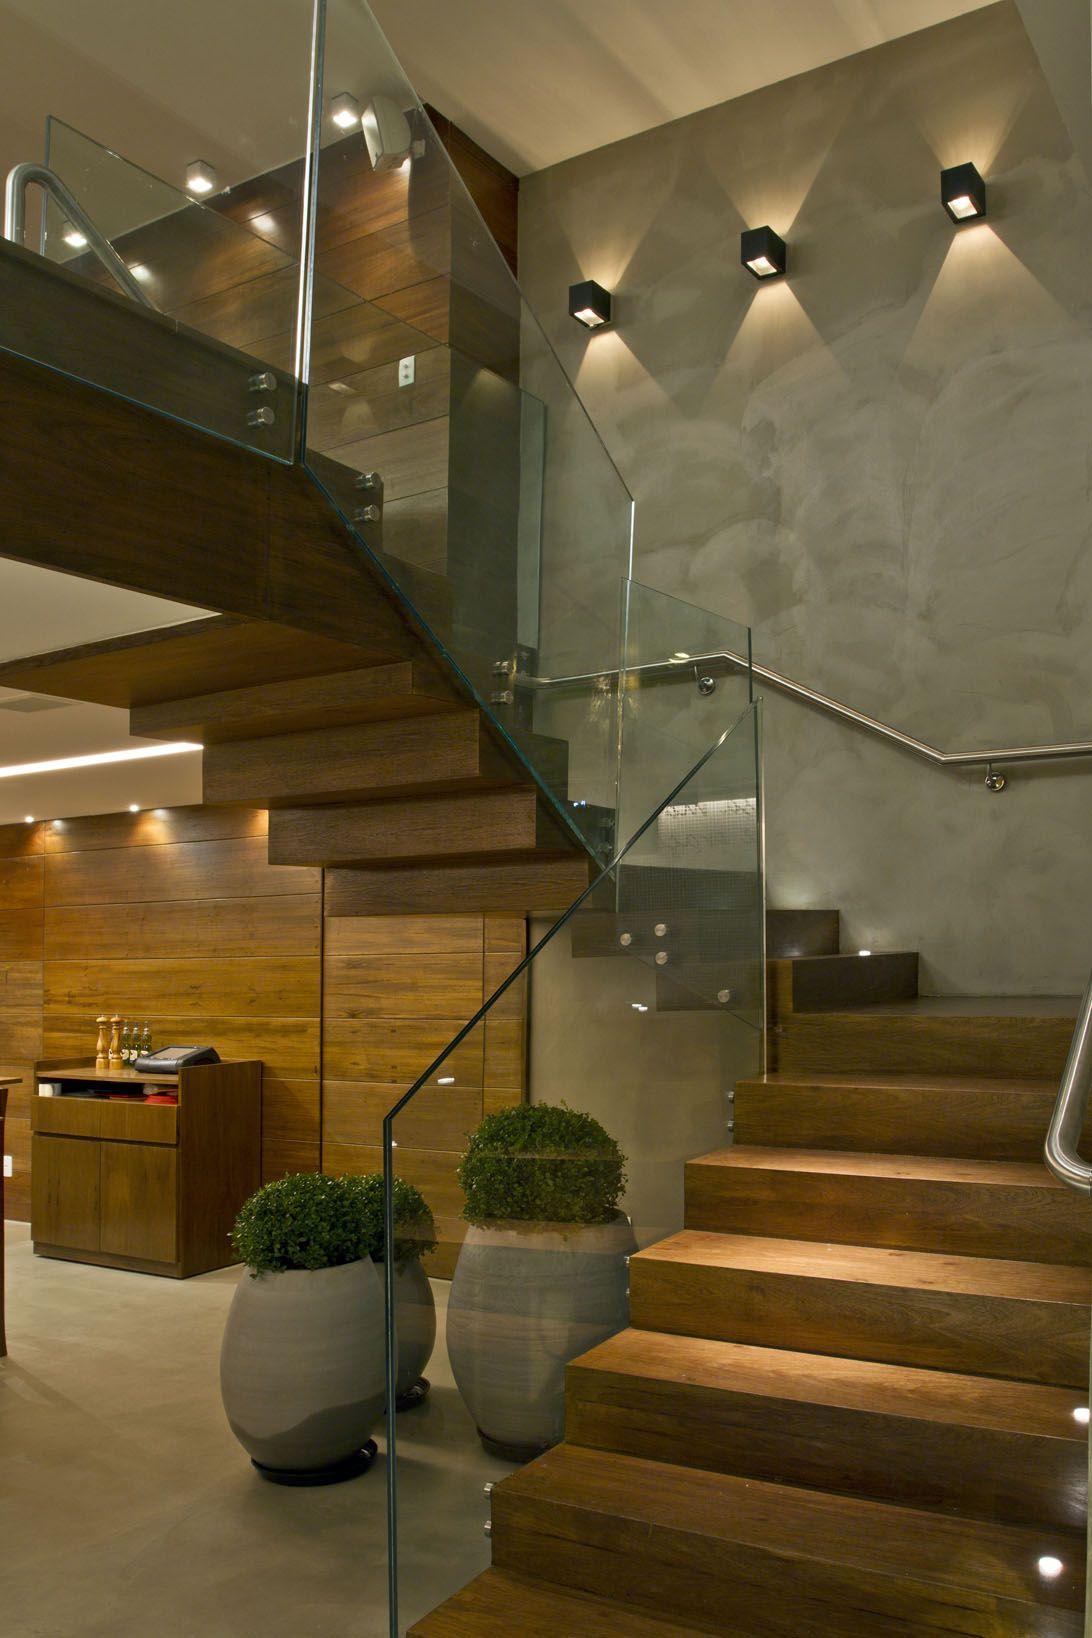 Baranda en paneles de vidrio barral de acero pulido sobre pared escalera en madera con una - Decoracion escaleras interiores paredes ...